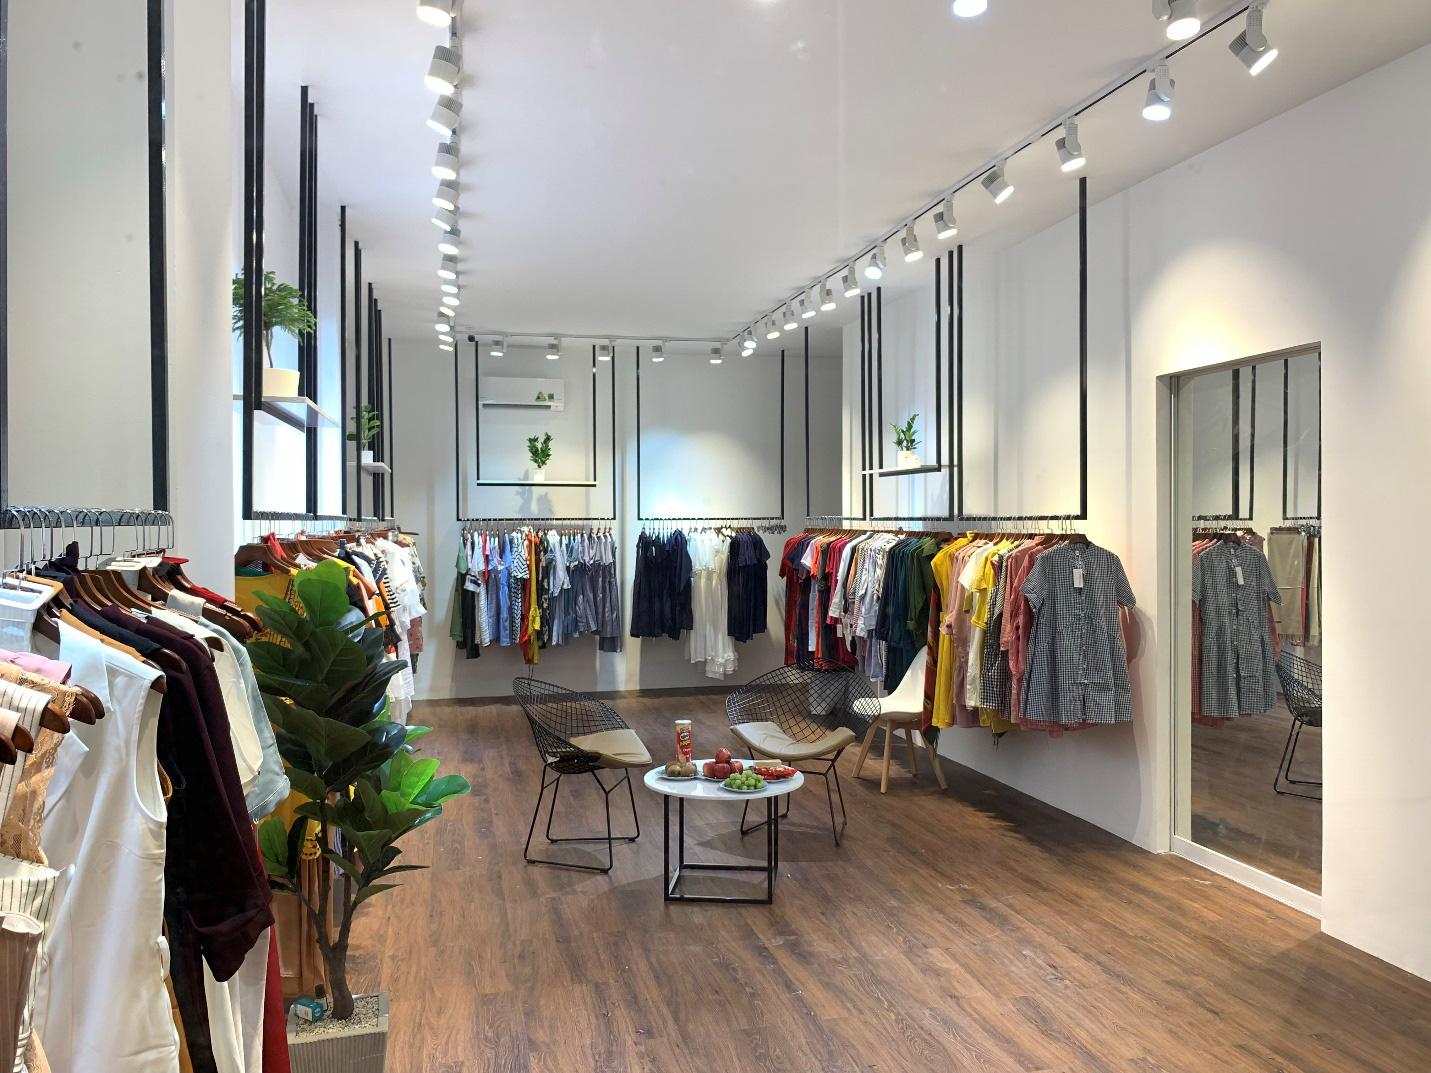 Bim store – Cửa hàng chuyên váy đầm chất liệu linen cho phái đẹp - Ảnh 1.